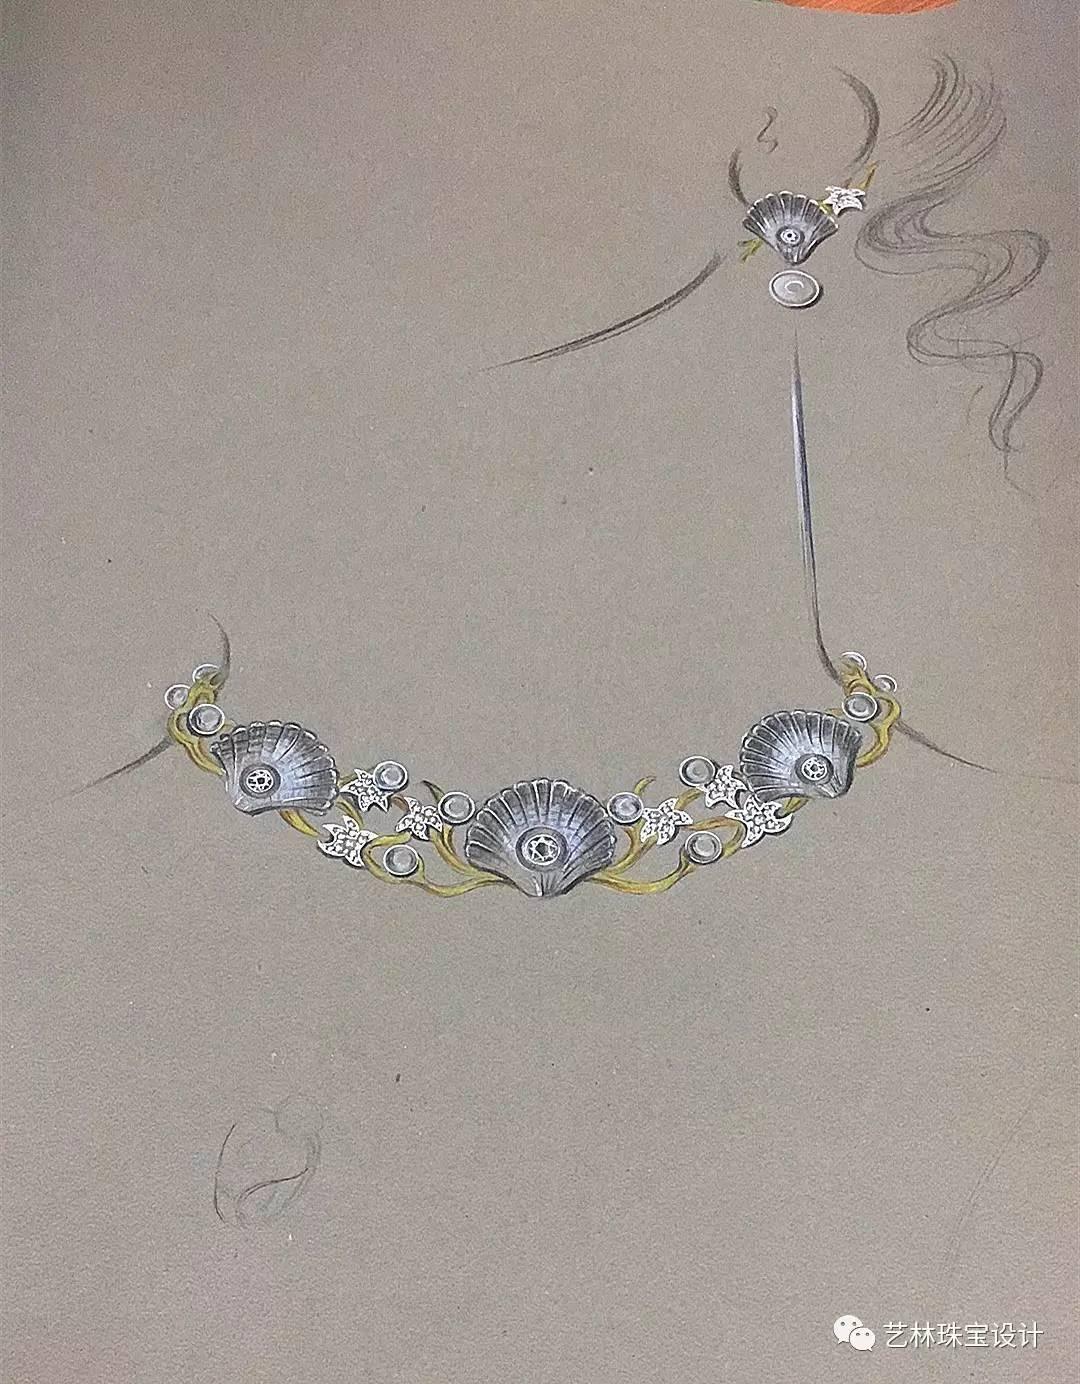 【视频地址】 艺林珠宝培训中心拥有 资深珠宝设计师与制作技师 主要